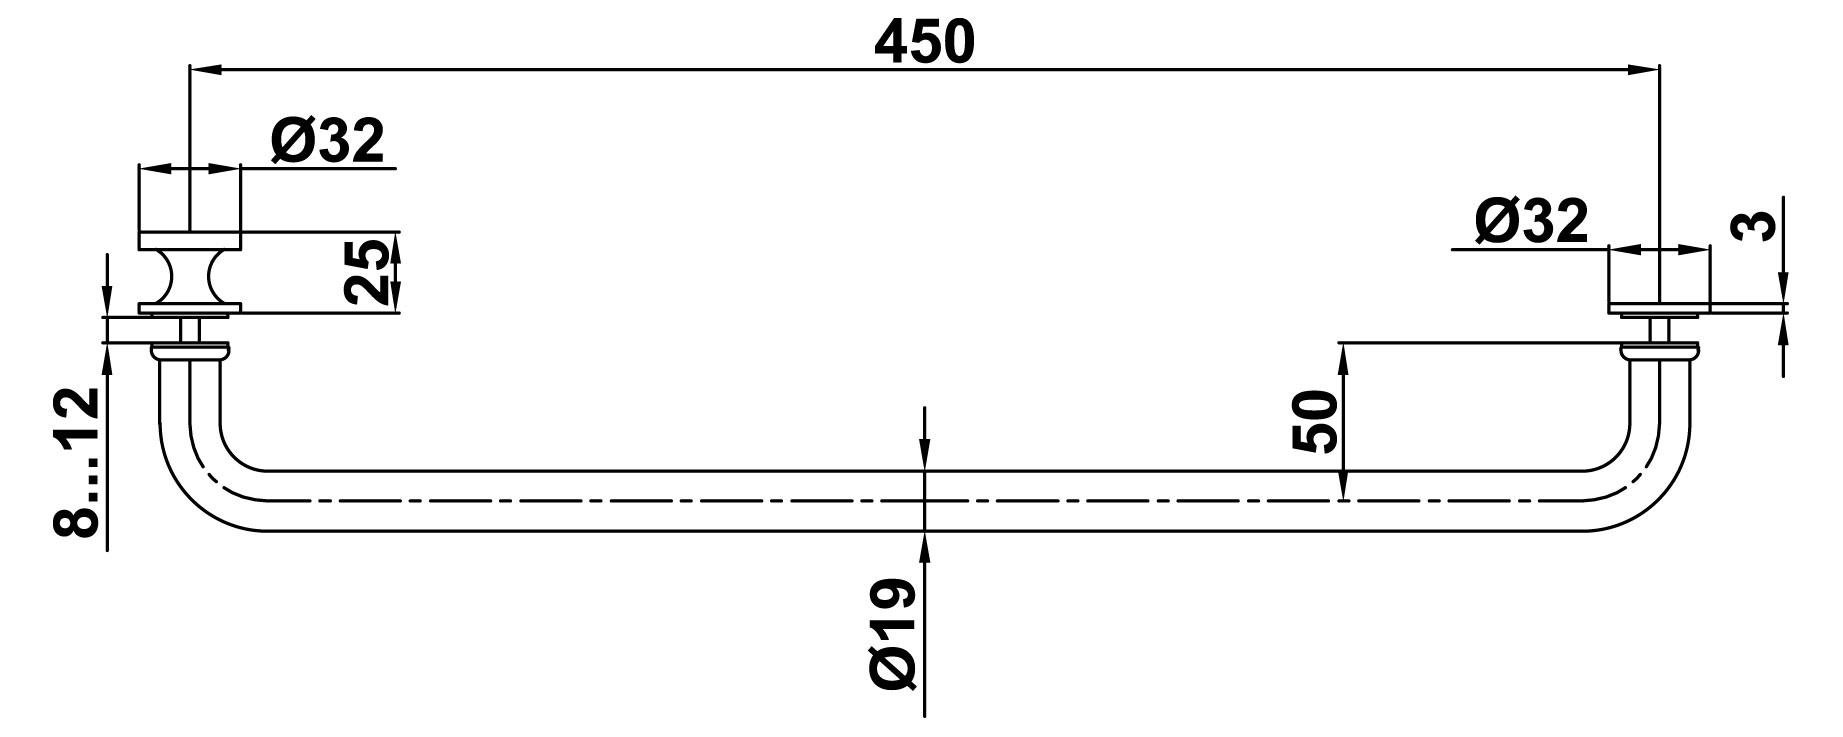 T-621 19x450 OBR Ручка комплект с полотенцесушителем